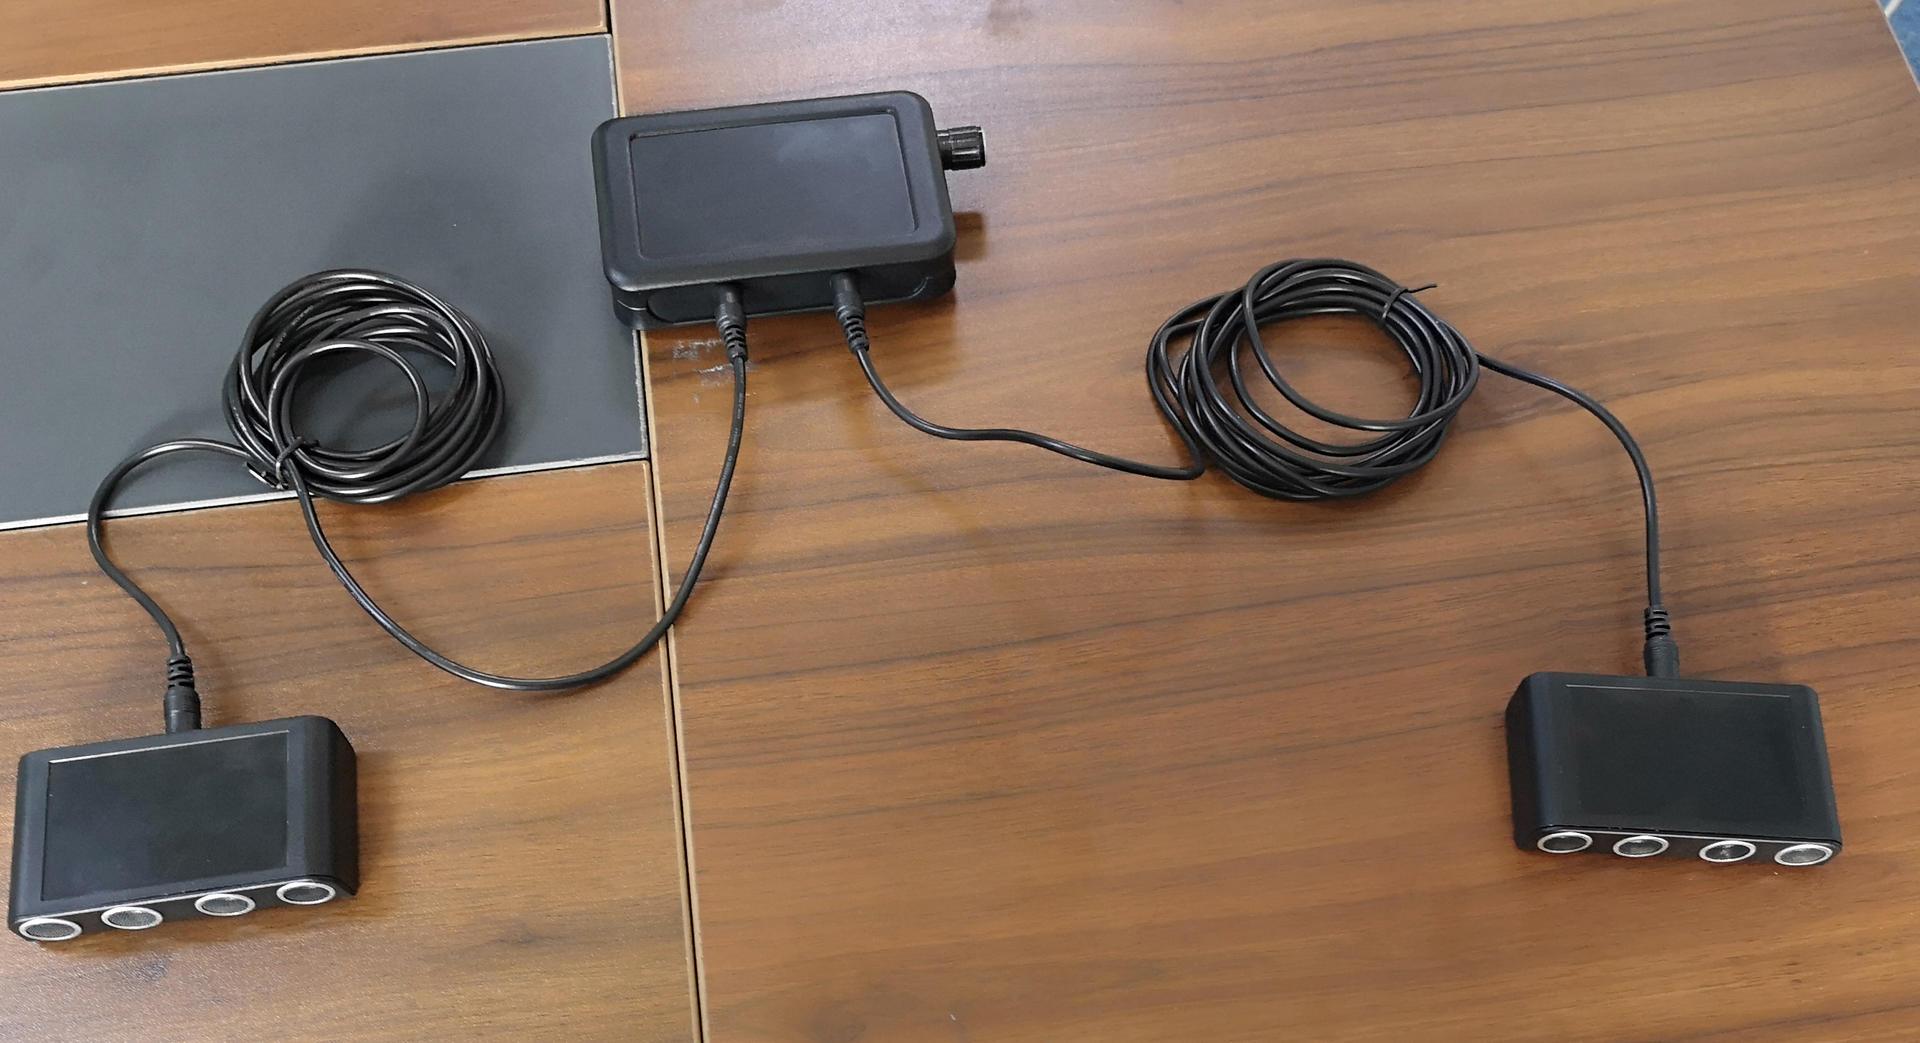 英讯ws-3经济型 录音屏蔽器 防非法录音 无不适感 厂家直销示例图2